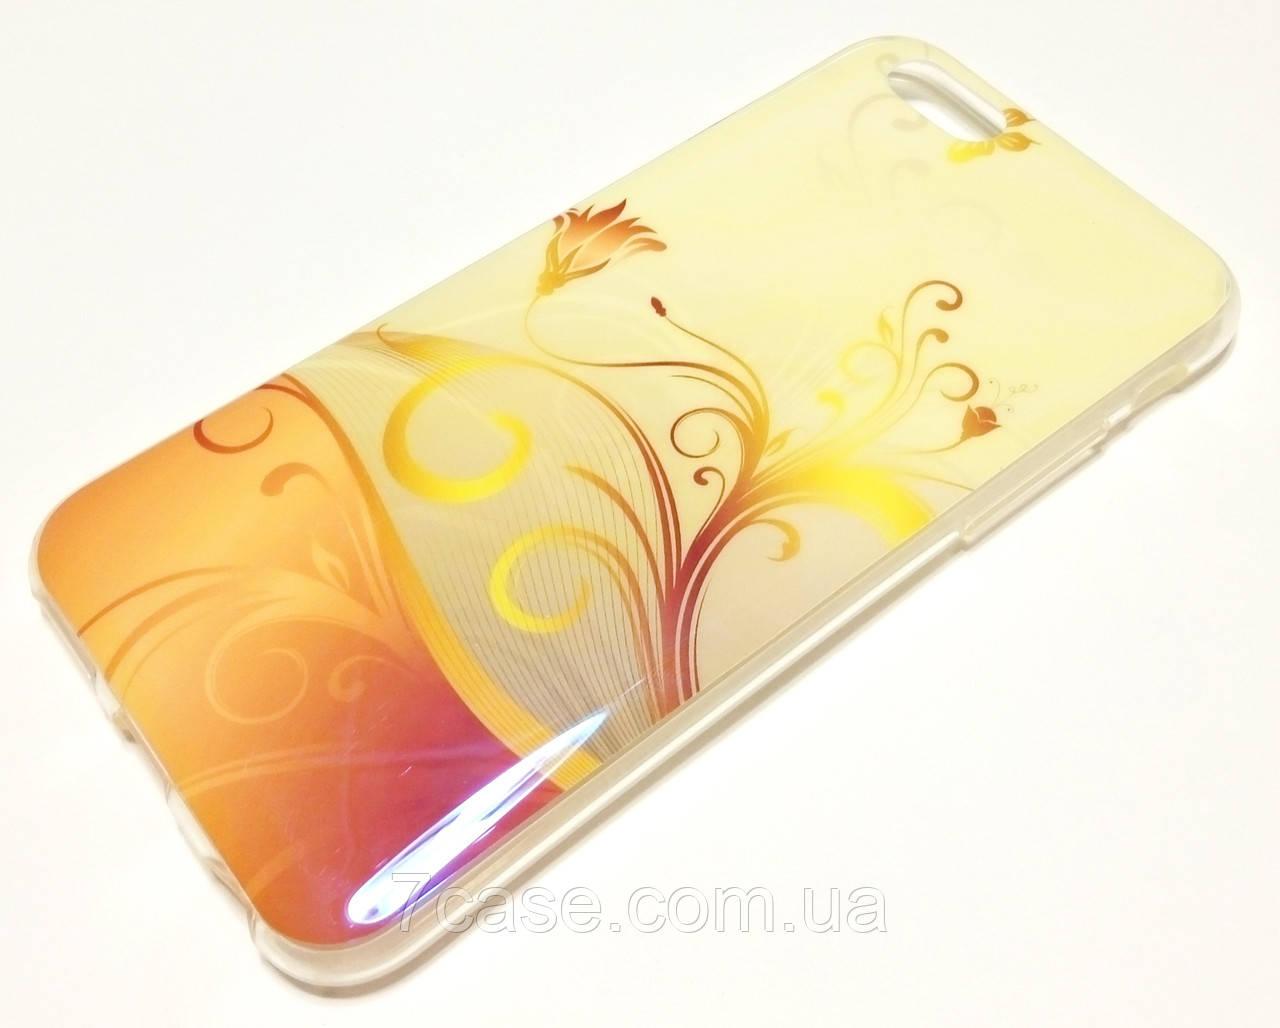 Чехол для iPhone 6 / 6s силиконовый с рисунком цветы перламутровый кремовый